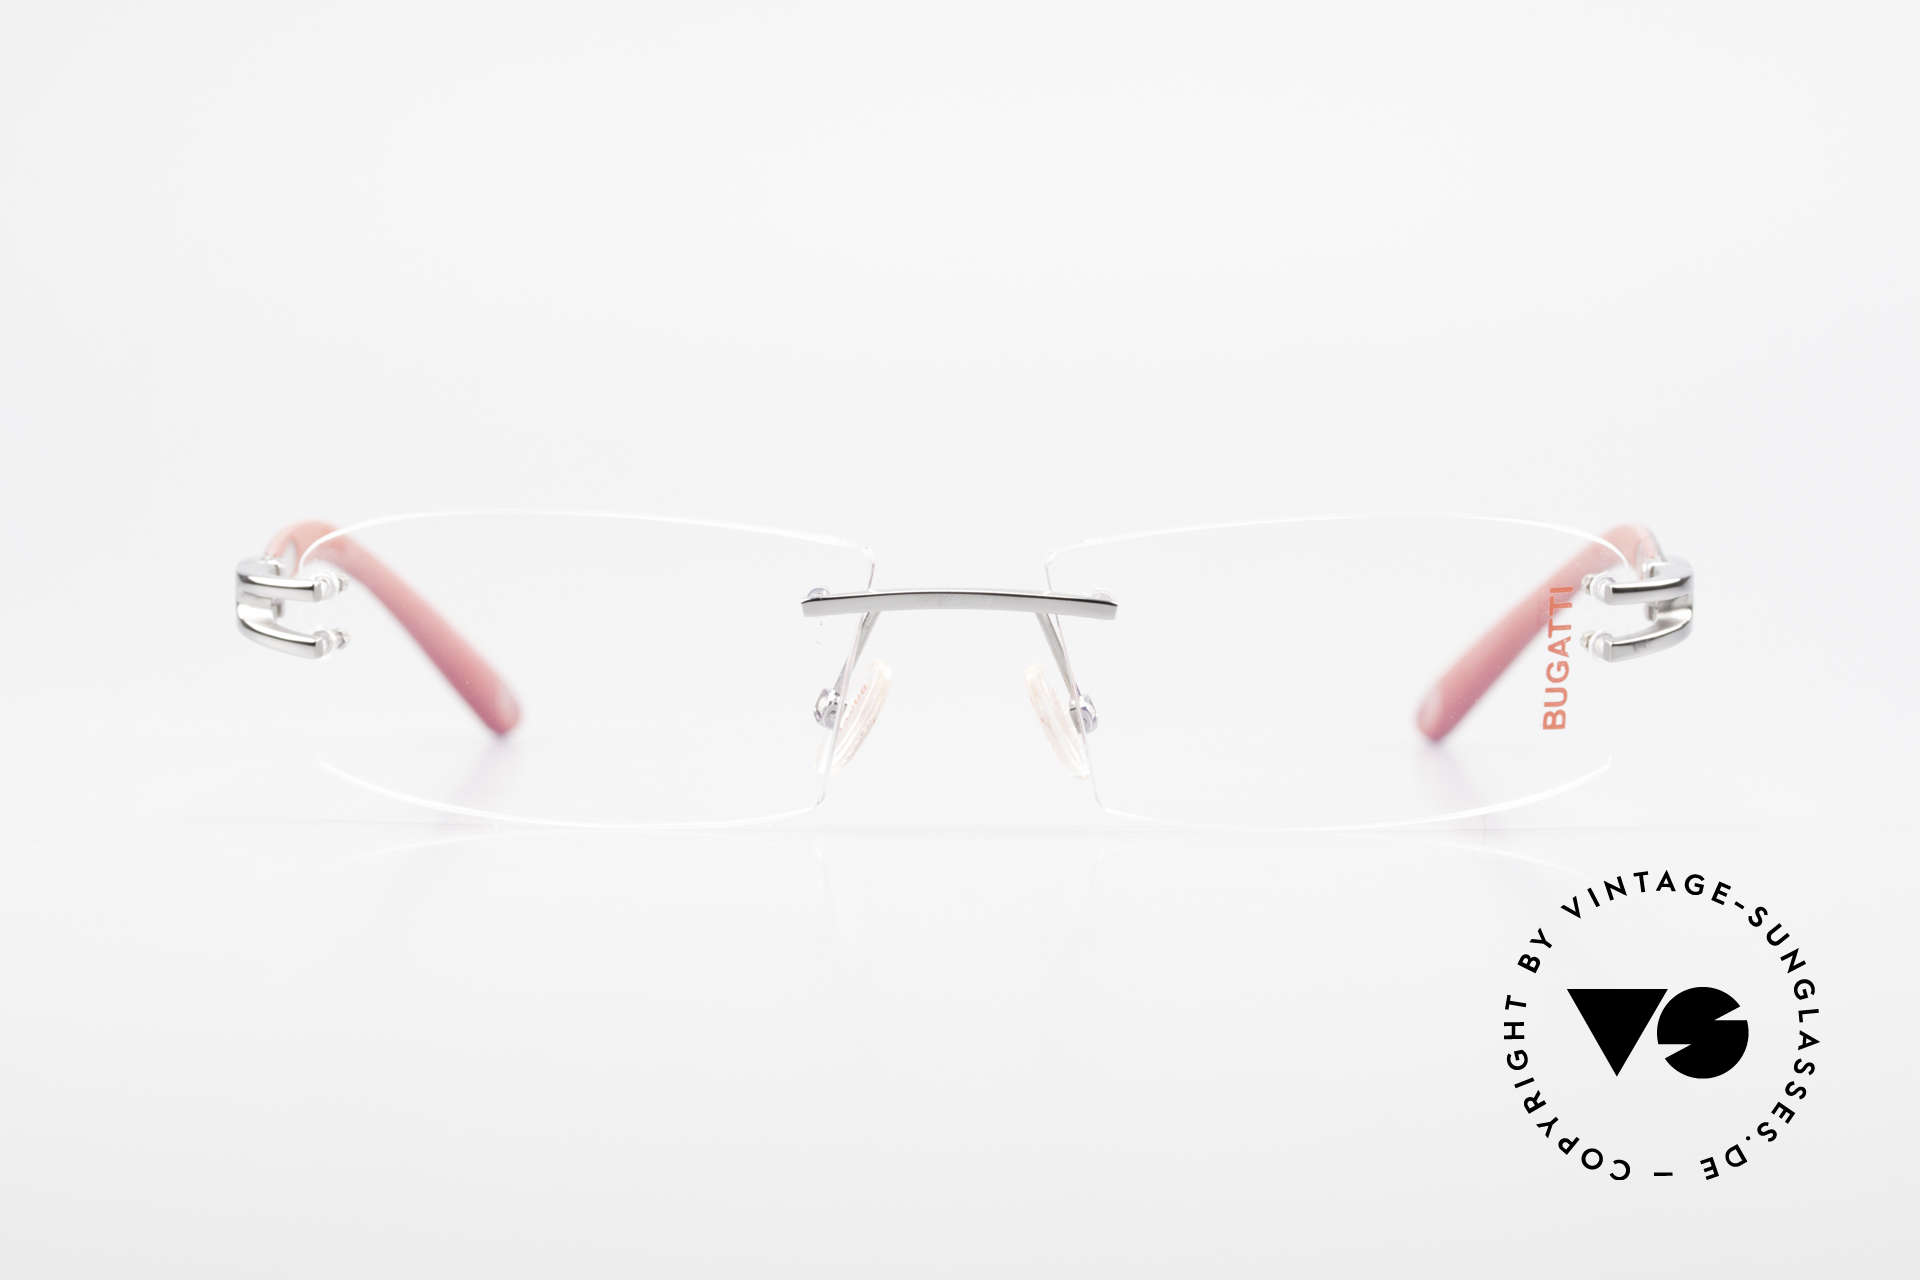 Bugatti 464 Rimless Eyeglasses Ruthenium, sporty frame and lens design ... striking masculine, Made for Men